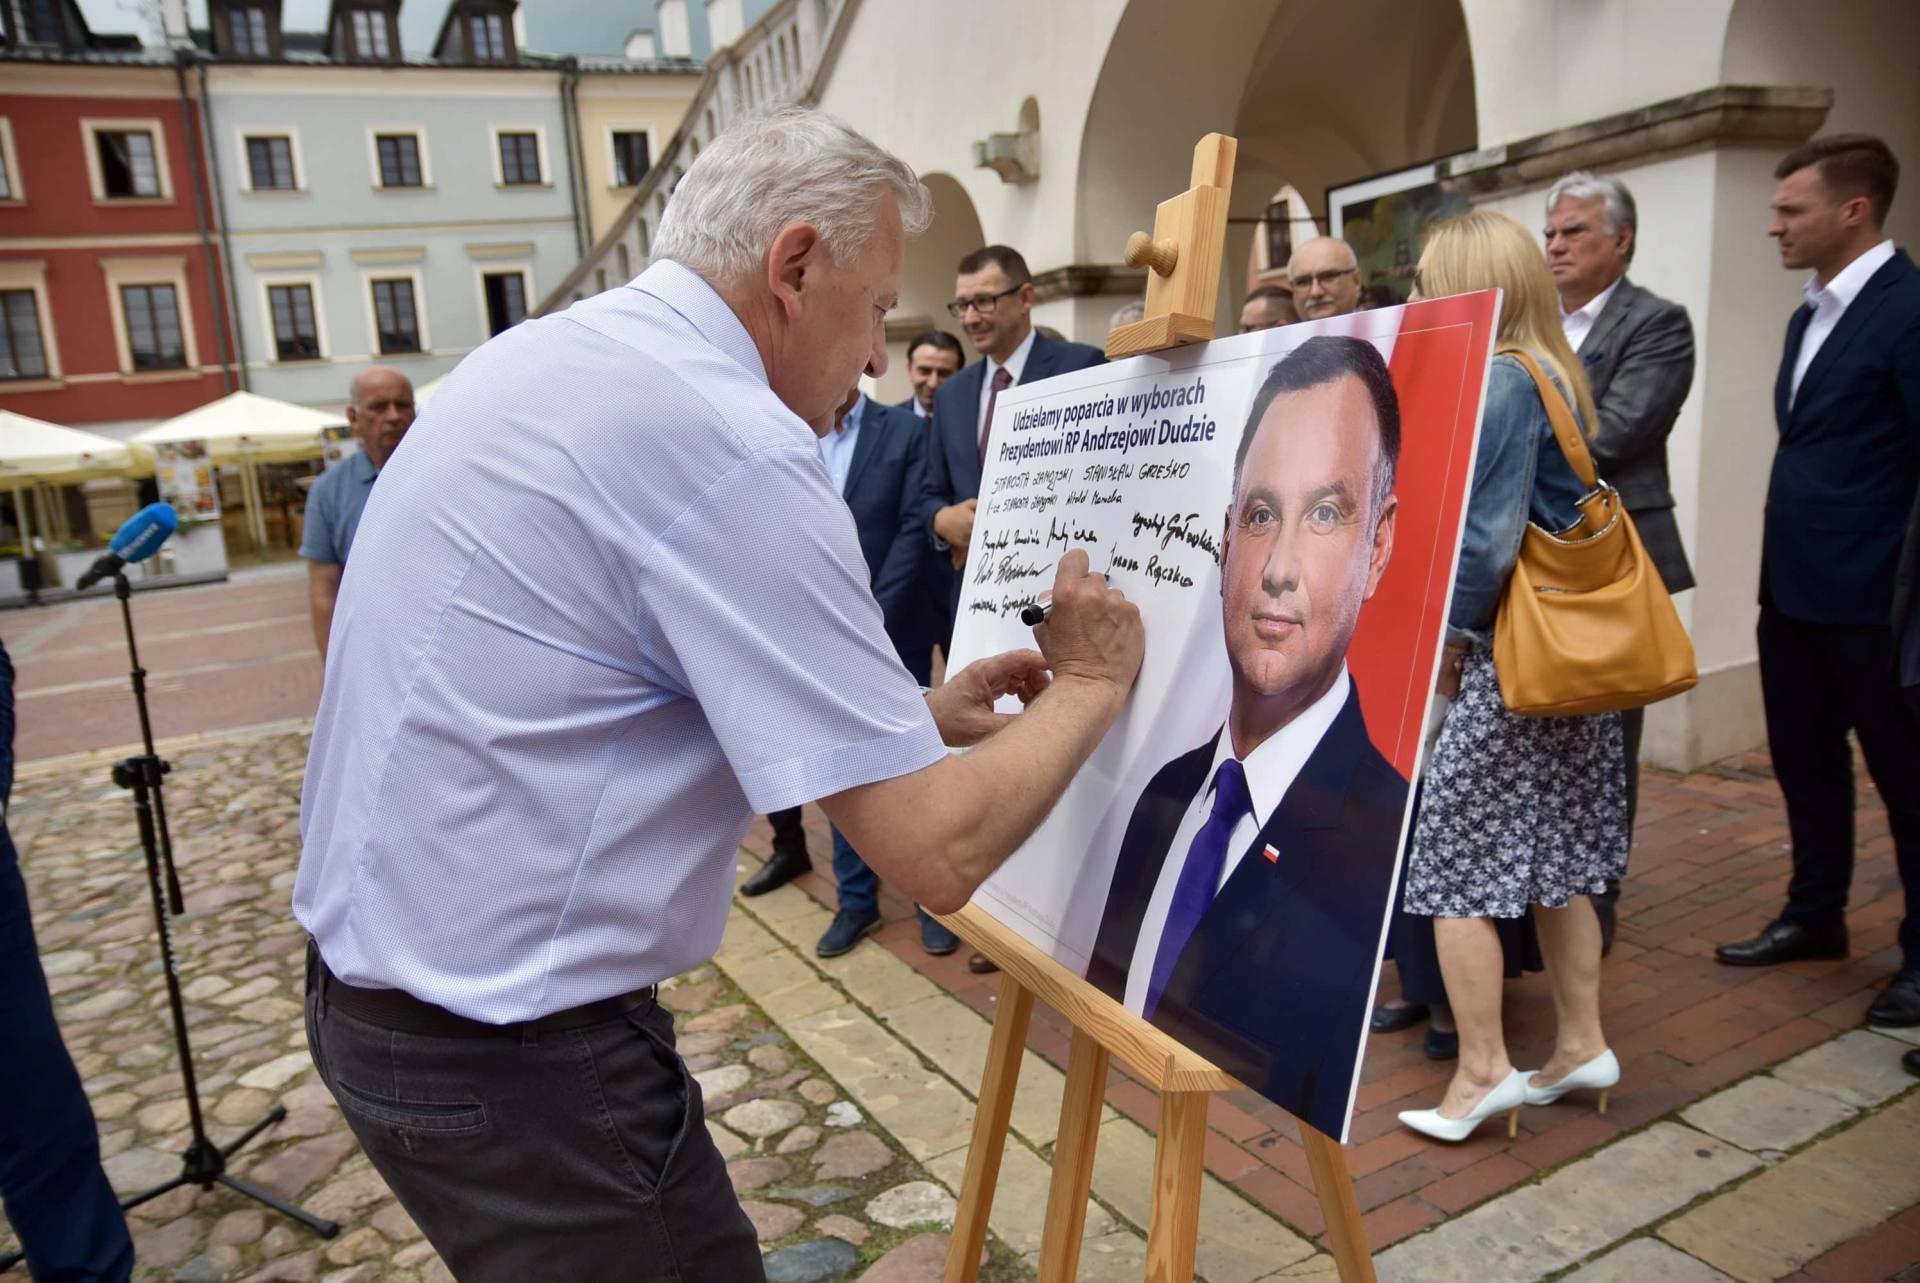 dsc 7784 Zamość: Udzielili poparcia prezydentowi Andrzejowi Dudzie